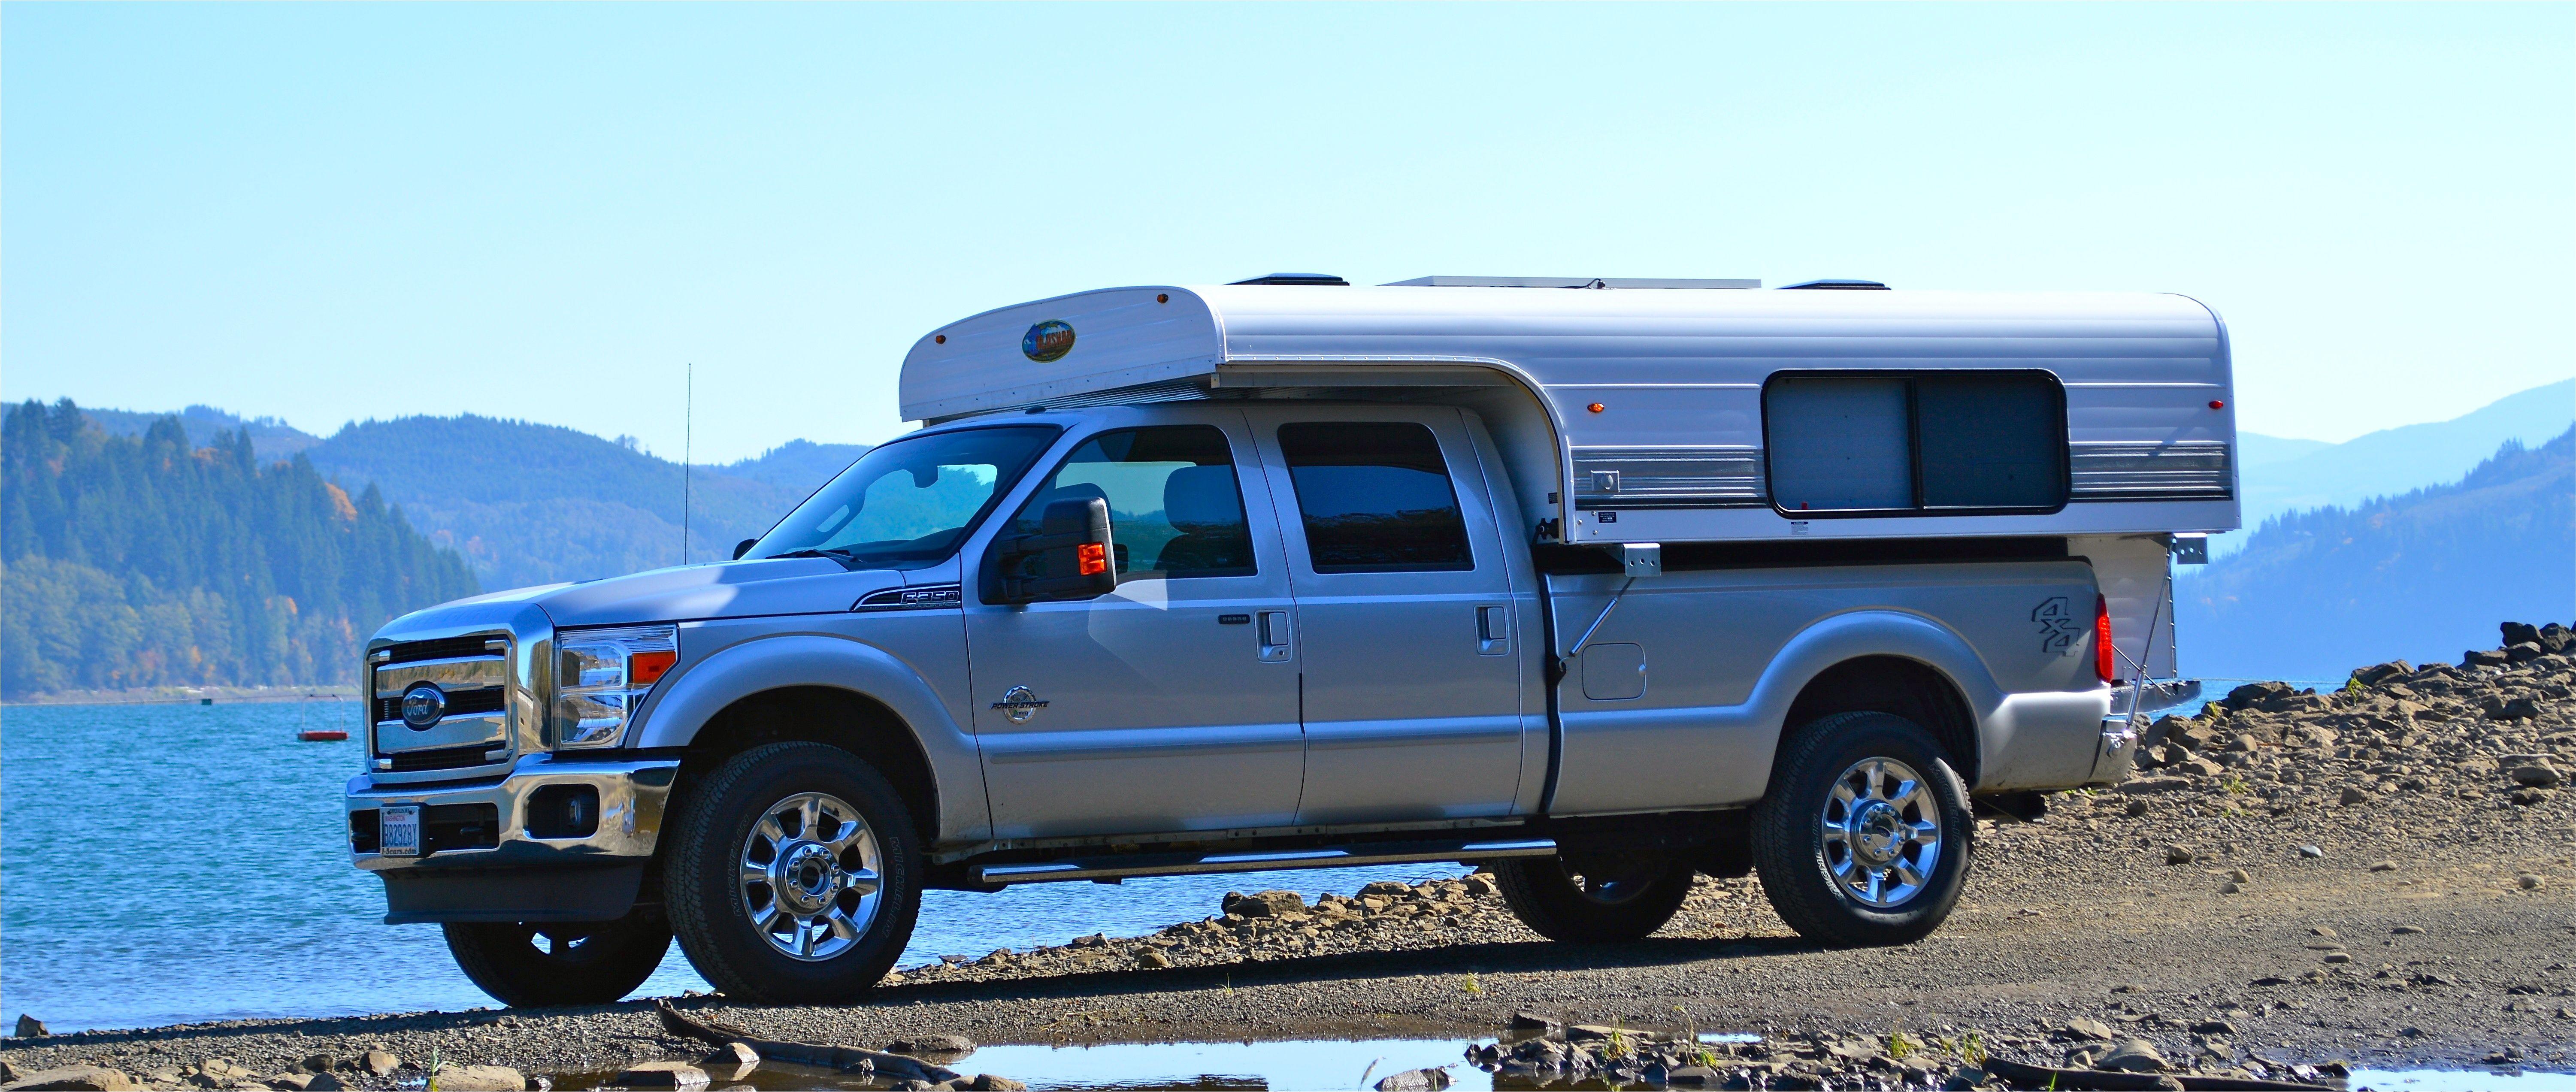 the alaskan campers inc pickup truck camper the campers camper road trip usa pinterest. Black Bedroom Furniture Sets. Home Design Ideas